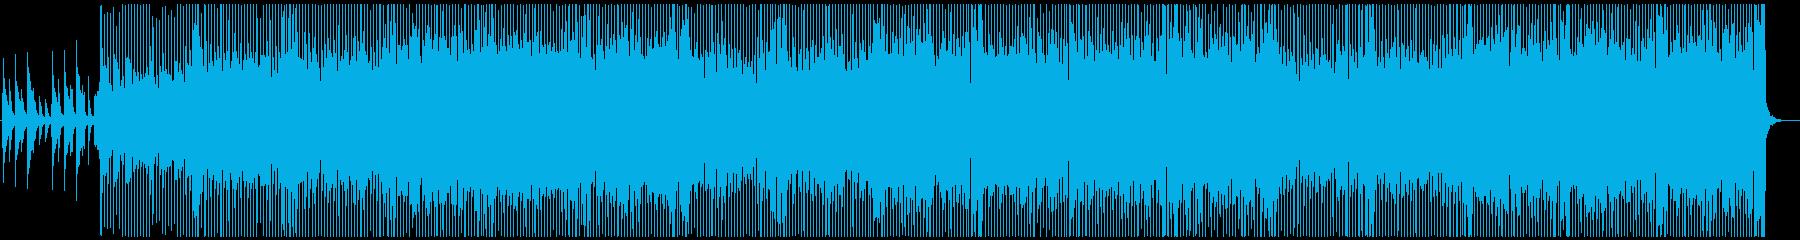 切ない・クールなギター&ピアノ曲の再生済みの波形